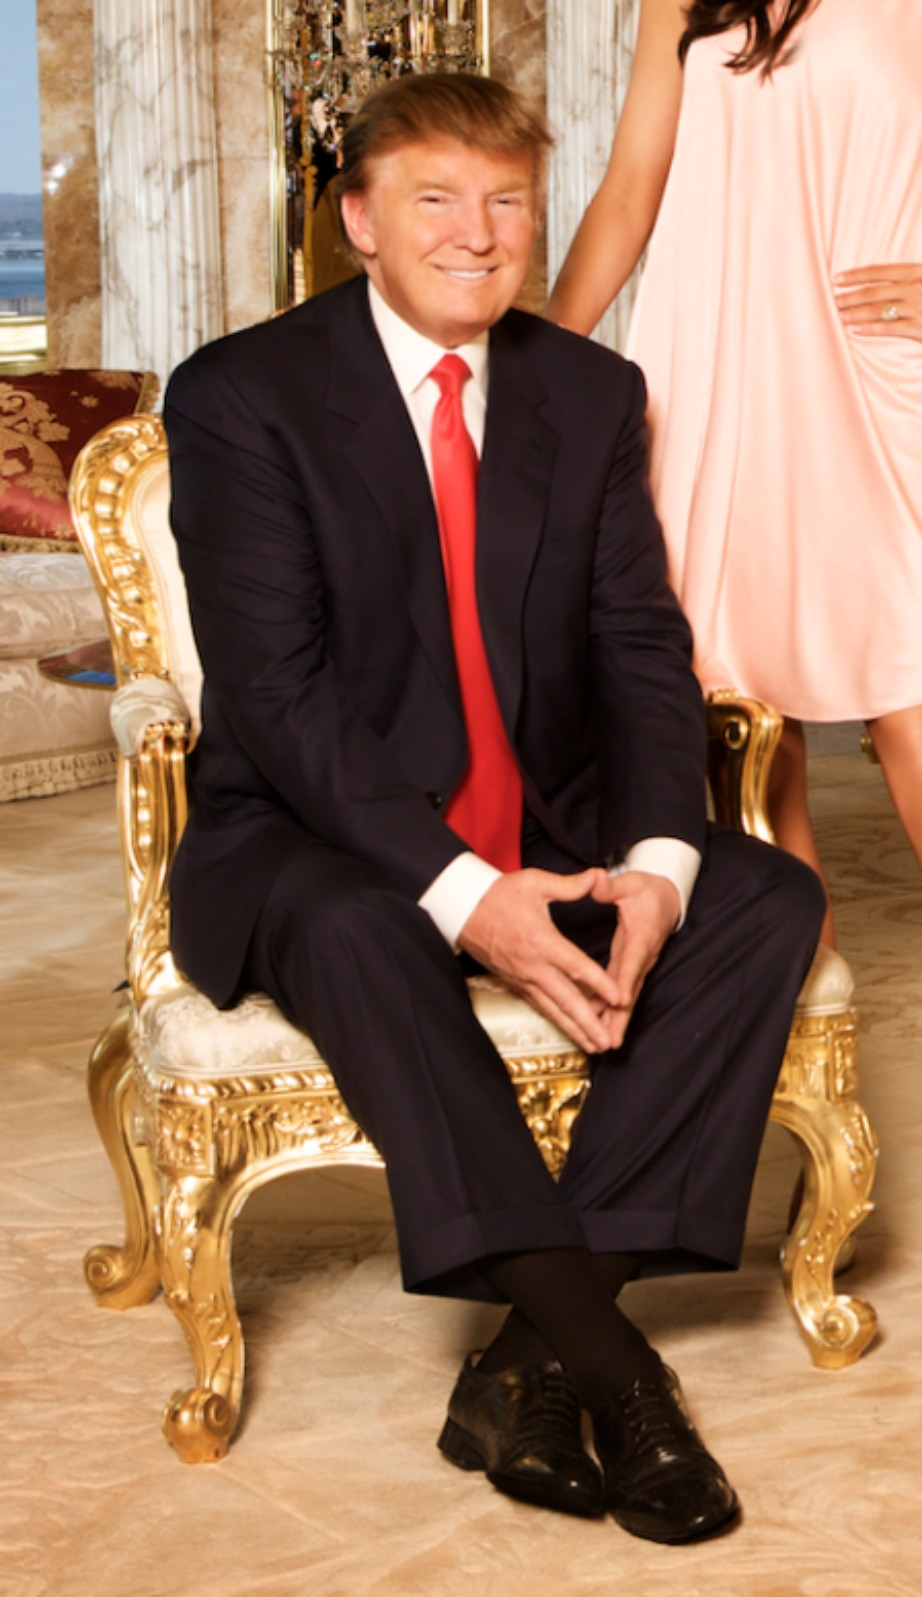 Ο Trump κάθεται σε μια αυθεντική καρέκλα Louis XV.